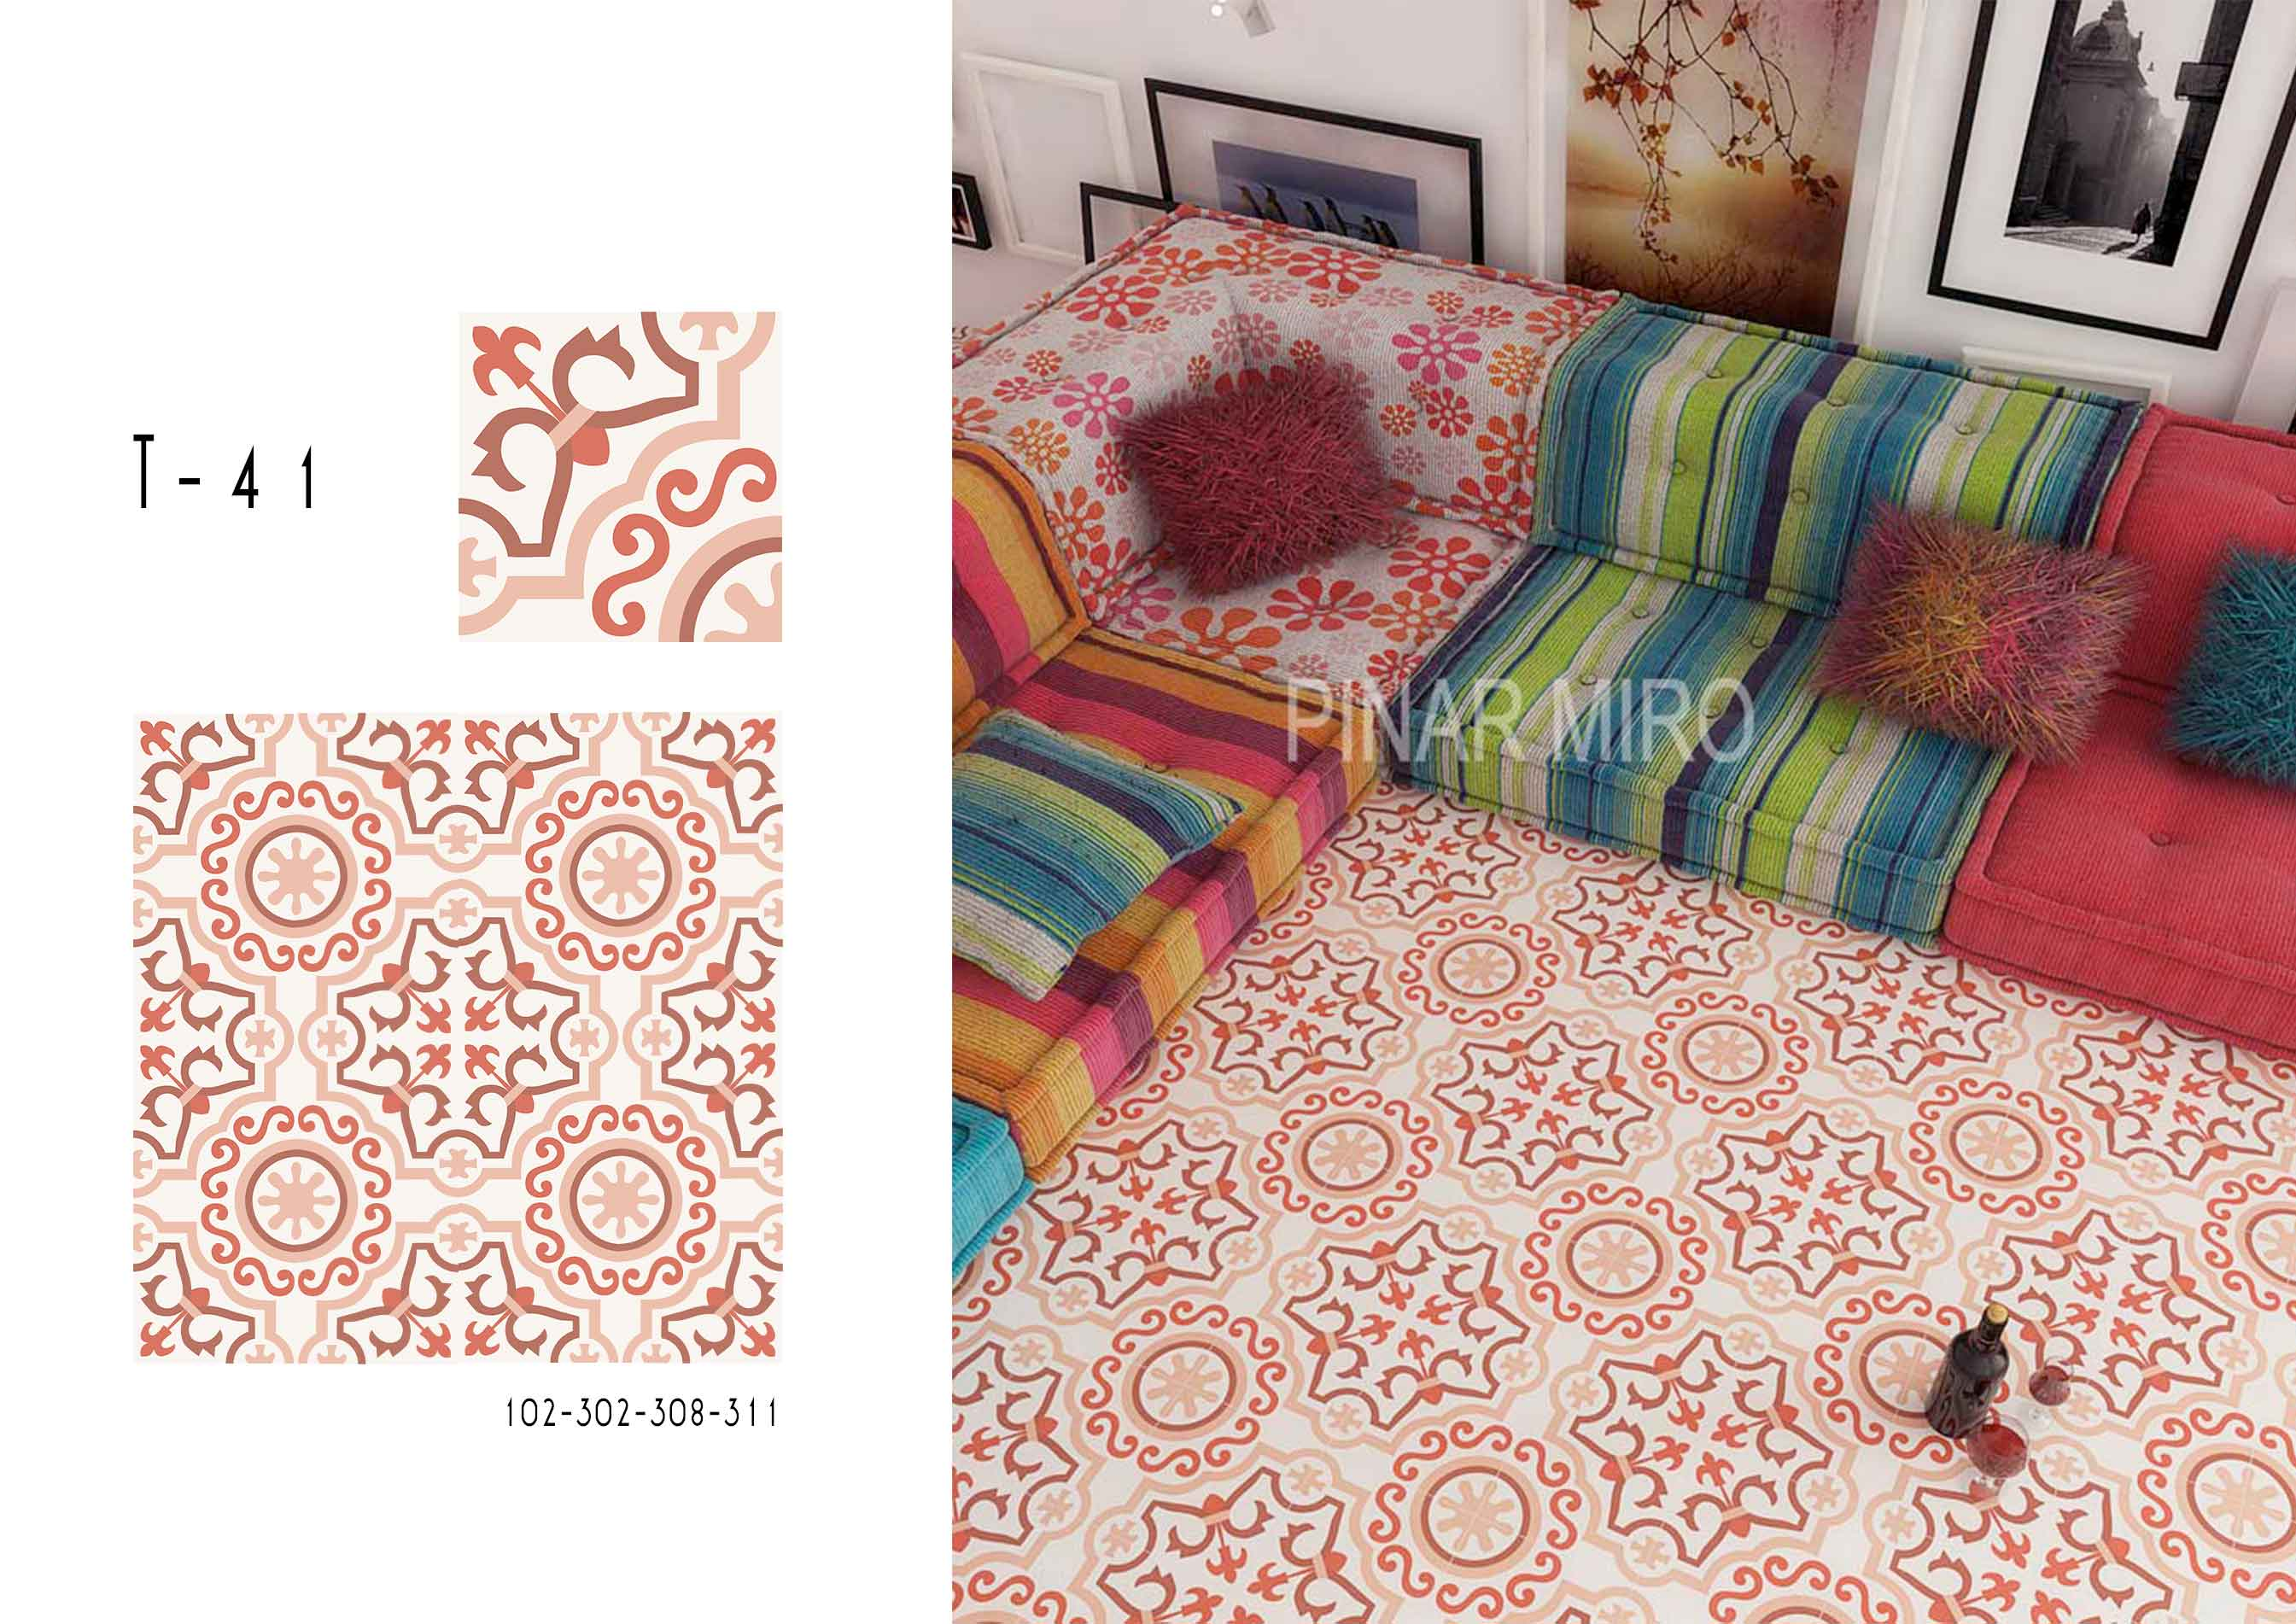 1t041-pinar-miro-cement-tiles